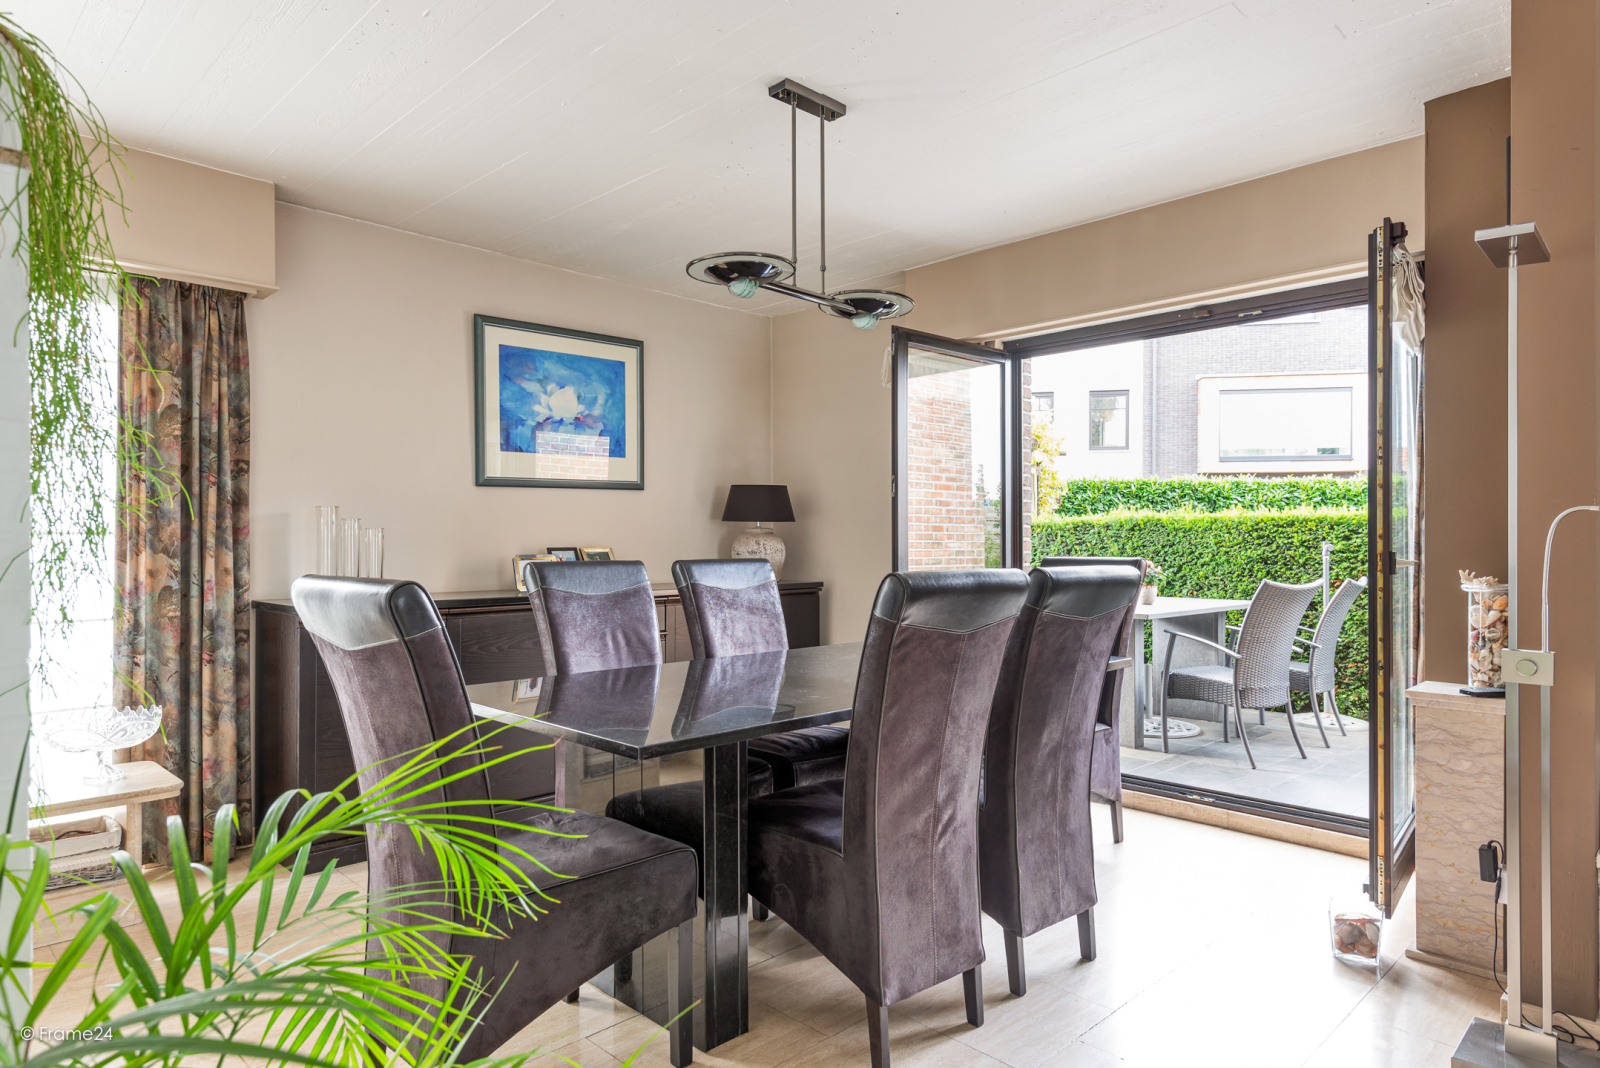 Zeer verzorgde halfopen woning met 4 slaapkamers en gelegen op een hoekperceel van 457 m²! afbeelding 8